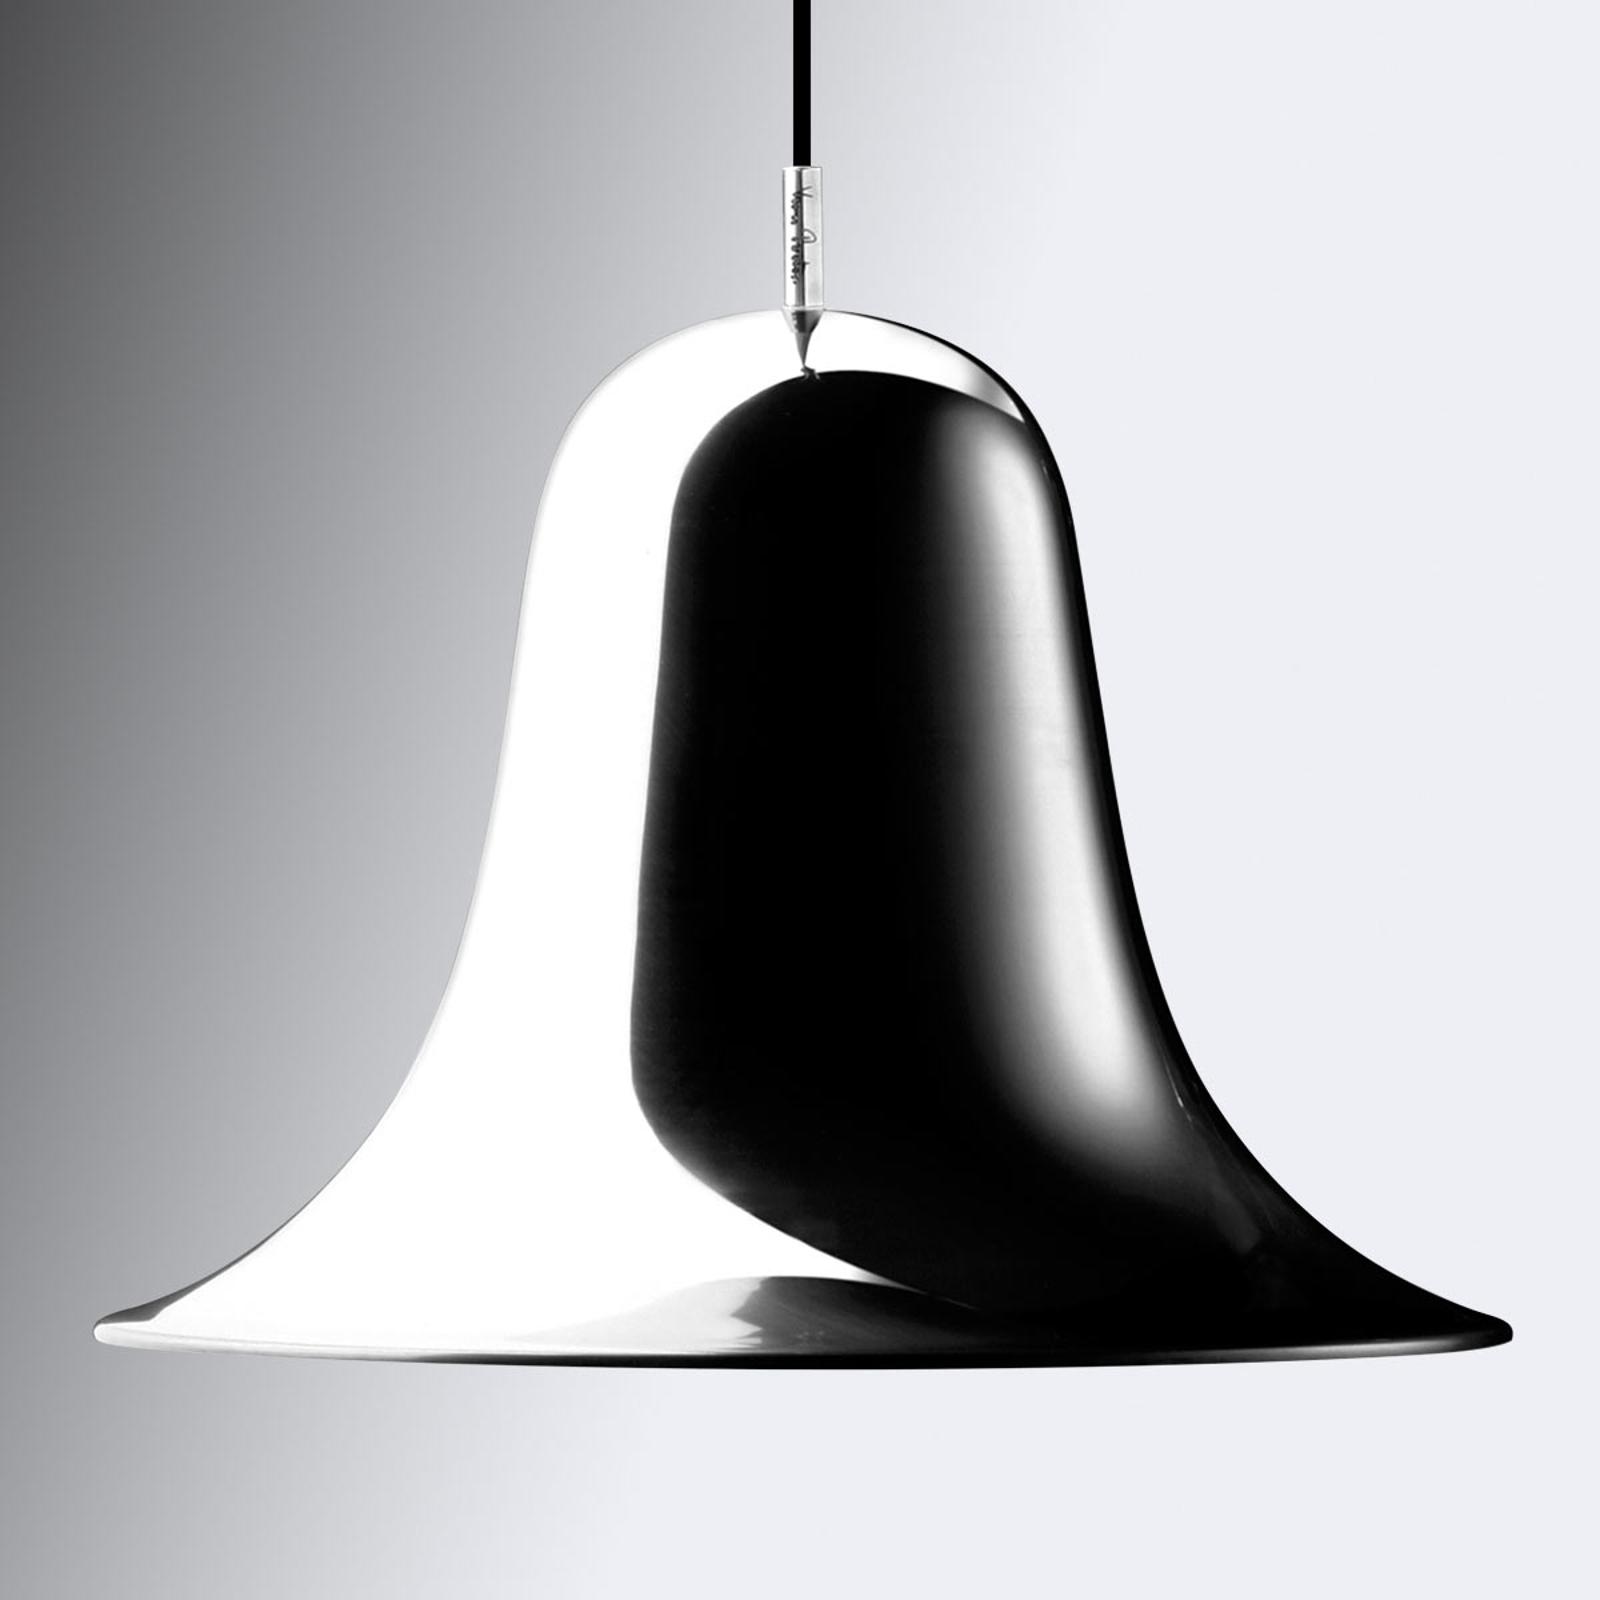 VERPAN Pantop lampa wisząca Ø 30 cm, chrom lśniąca